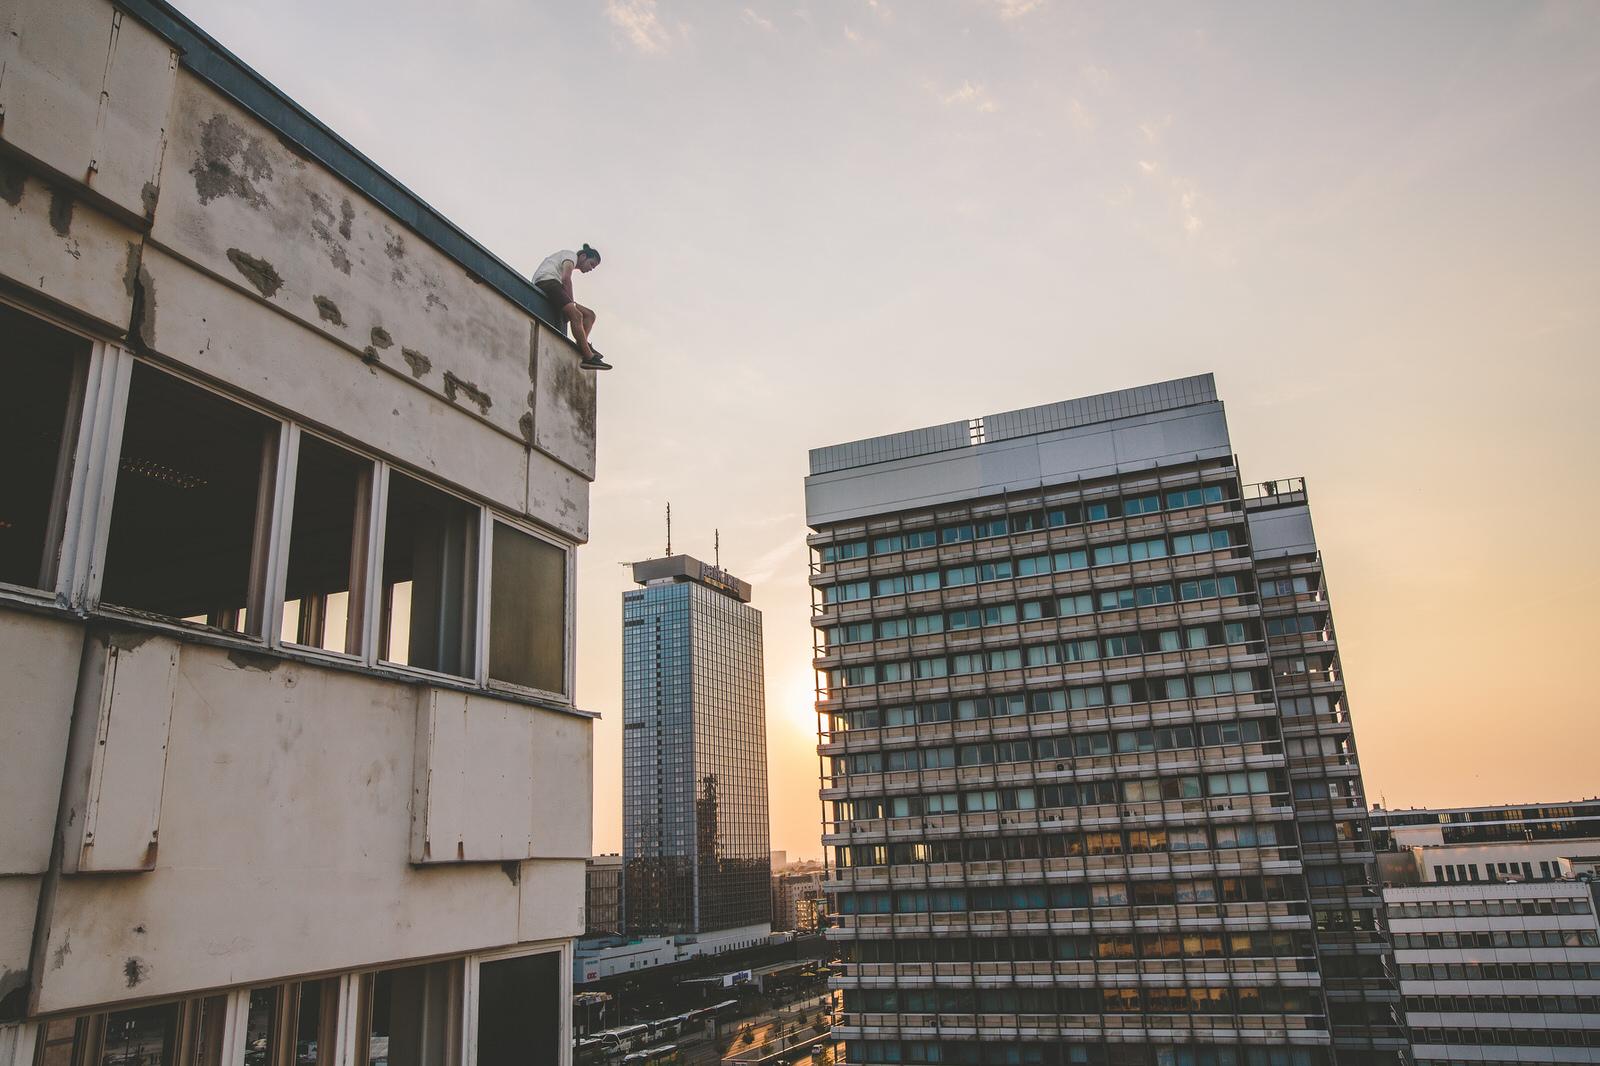 flocreates-berlin-rooftop-8.jpg